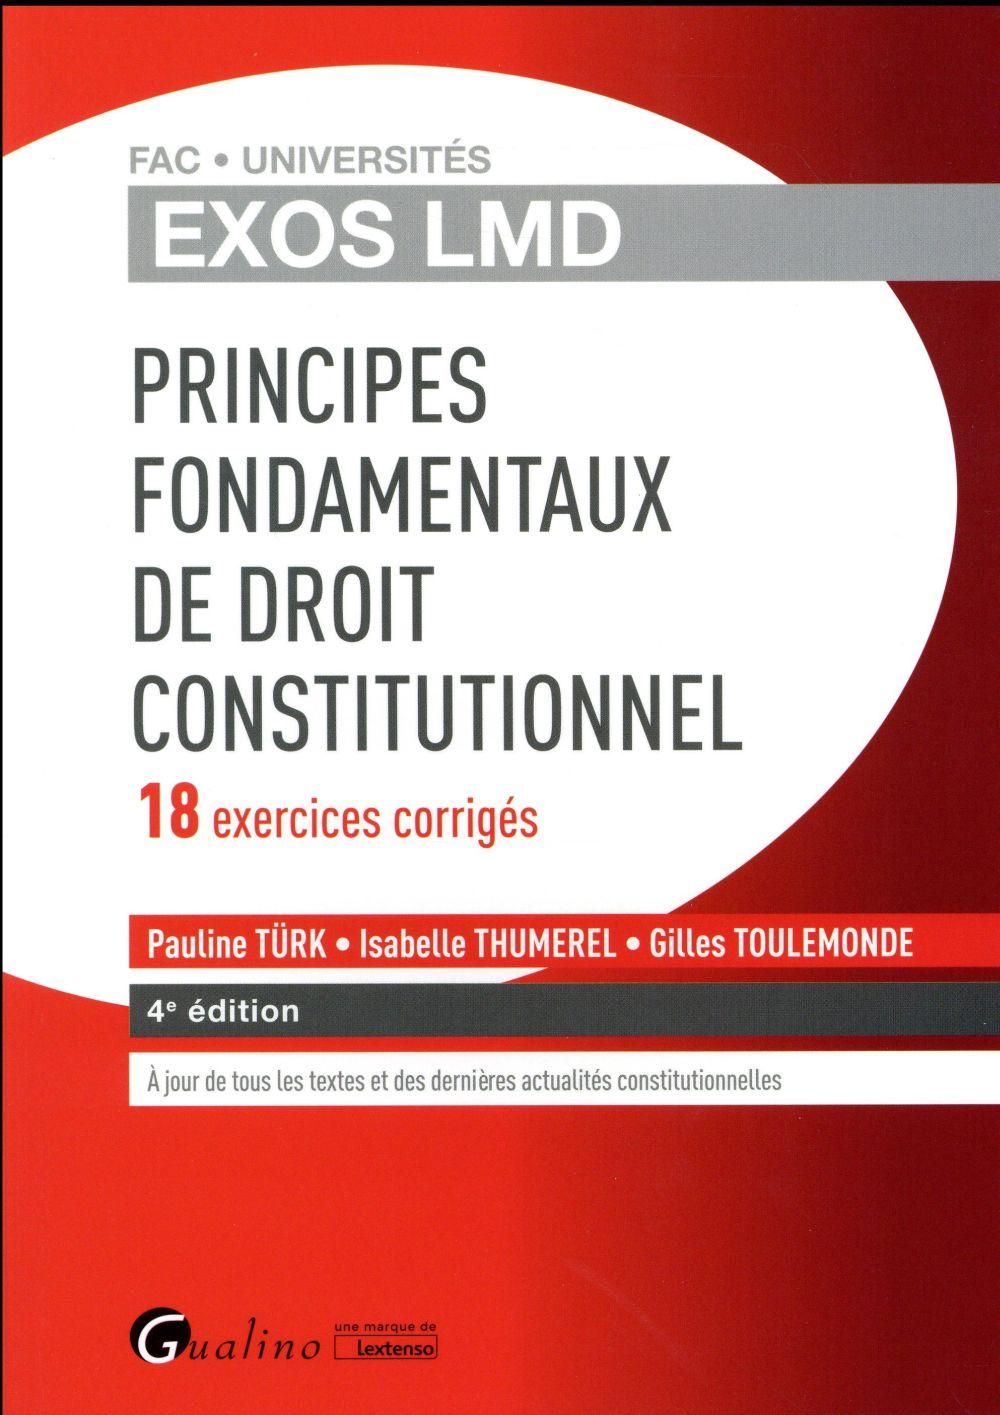 Principes fondamentaux du droit constitutionnel (4e édition)